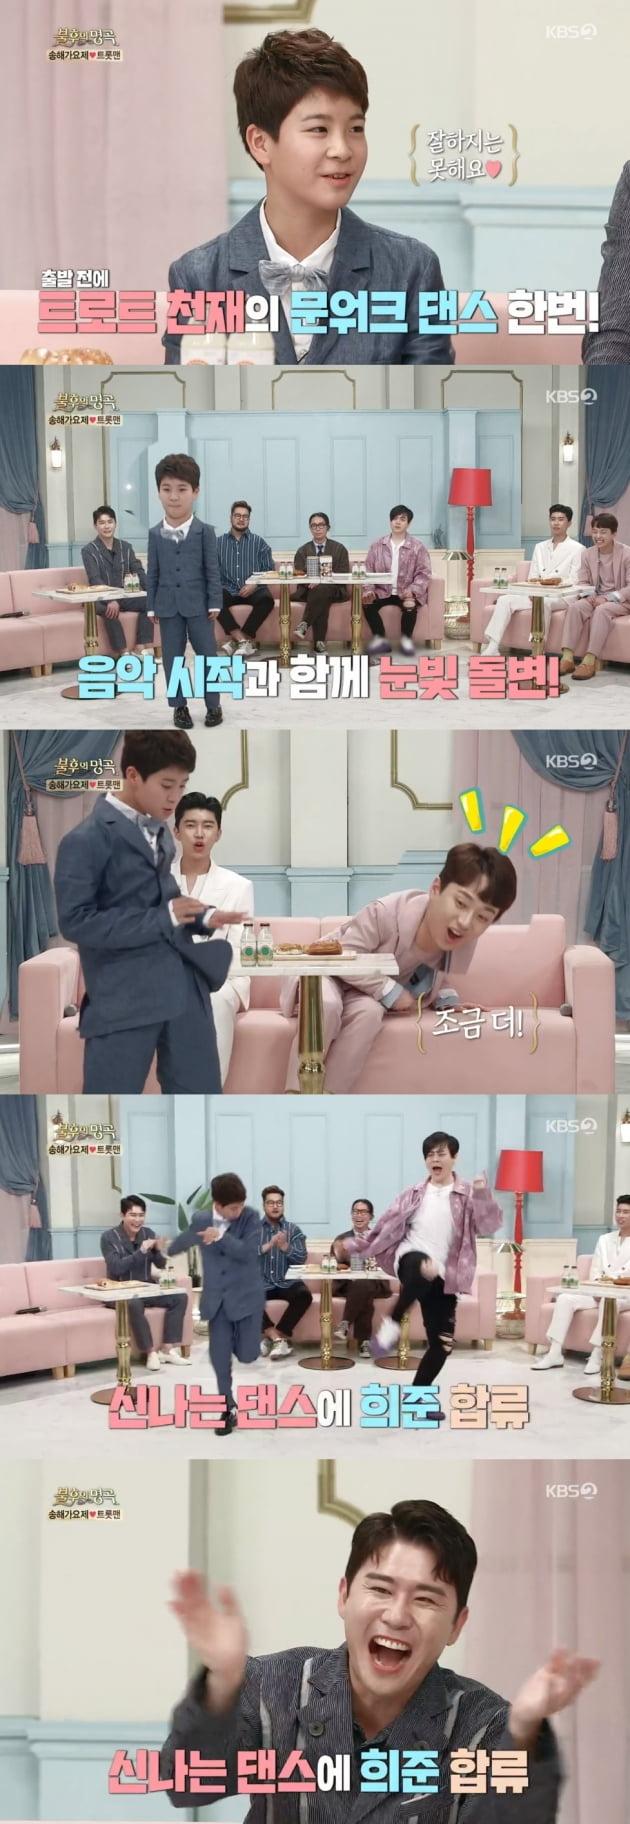 '불후의 명곡' 정동원 / 사진 = KBS 영상 캡처